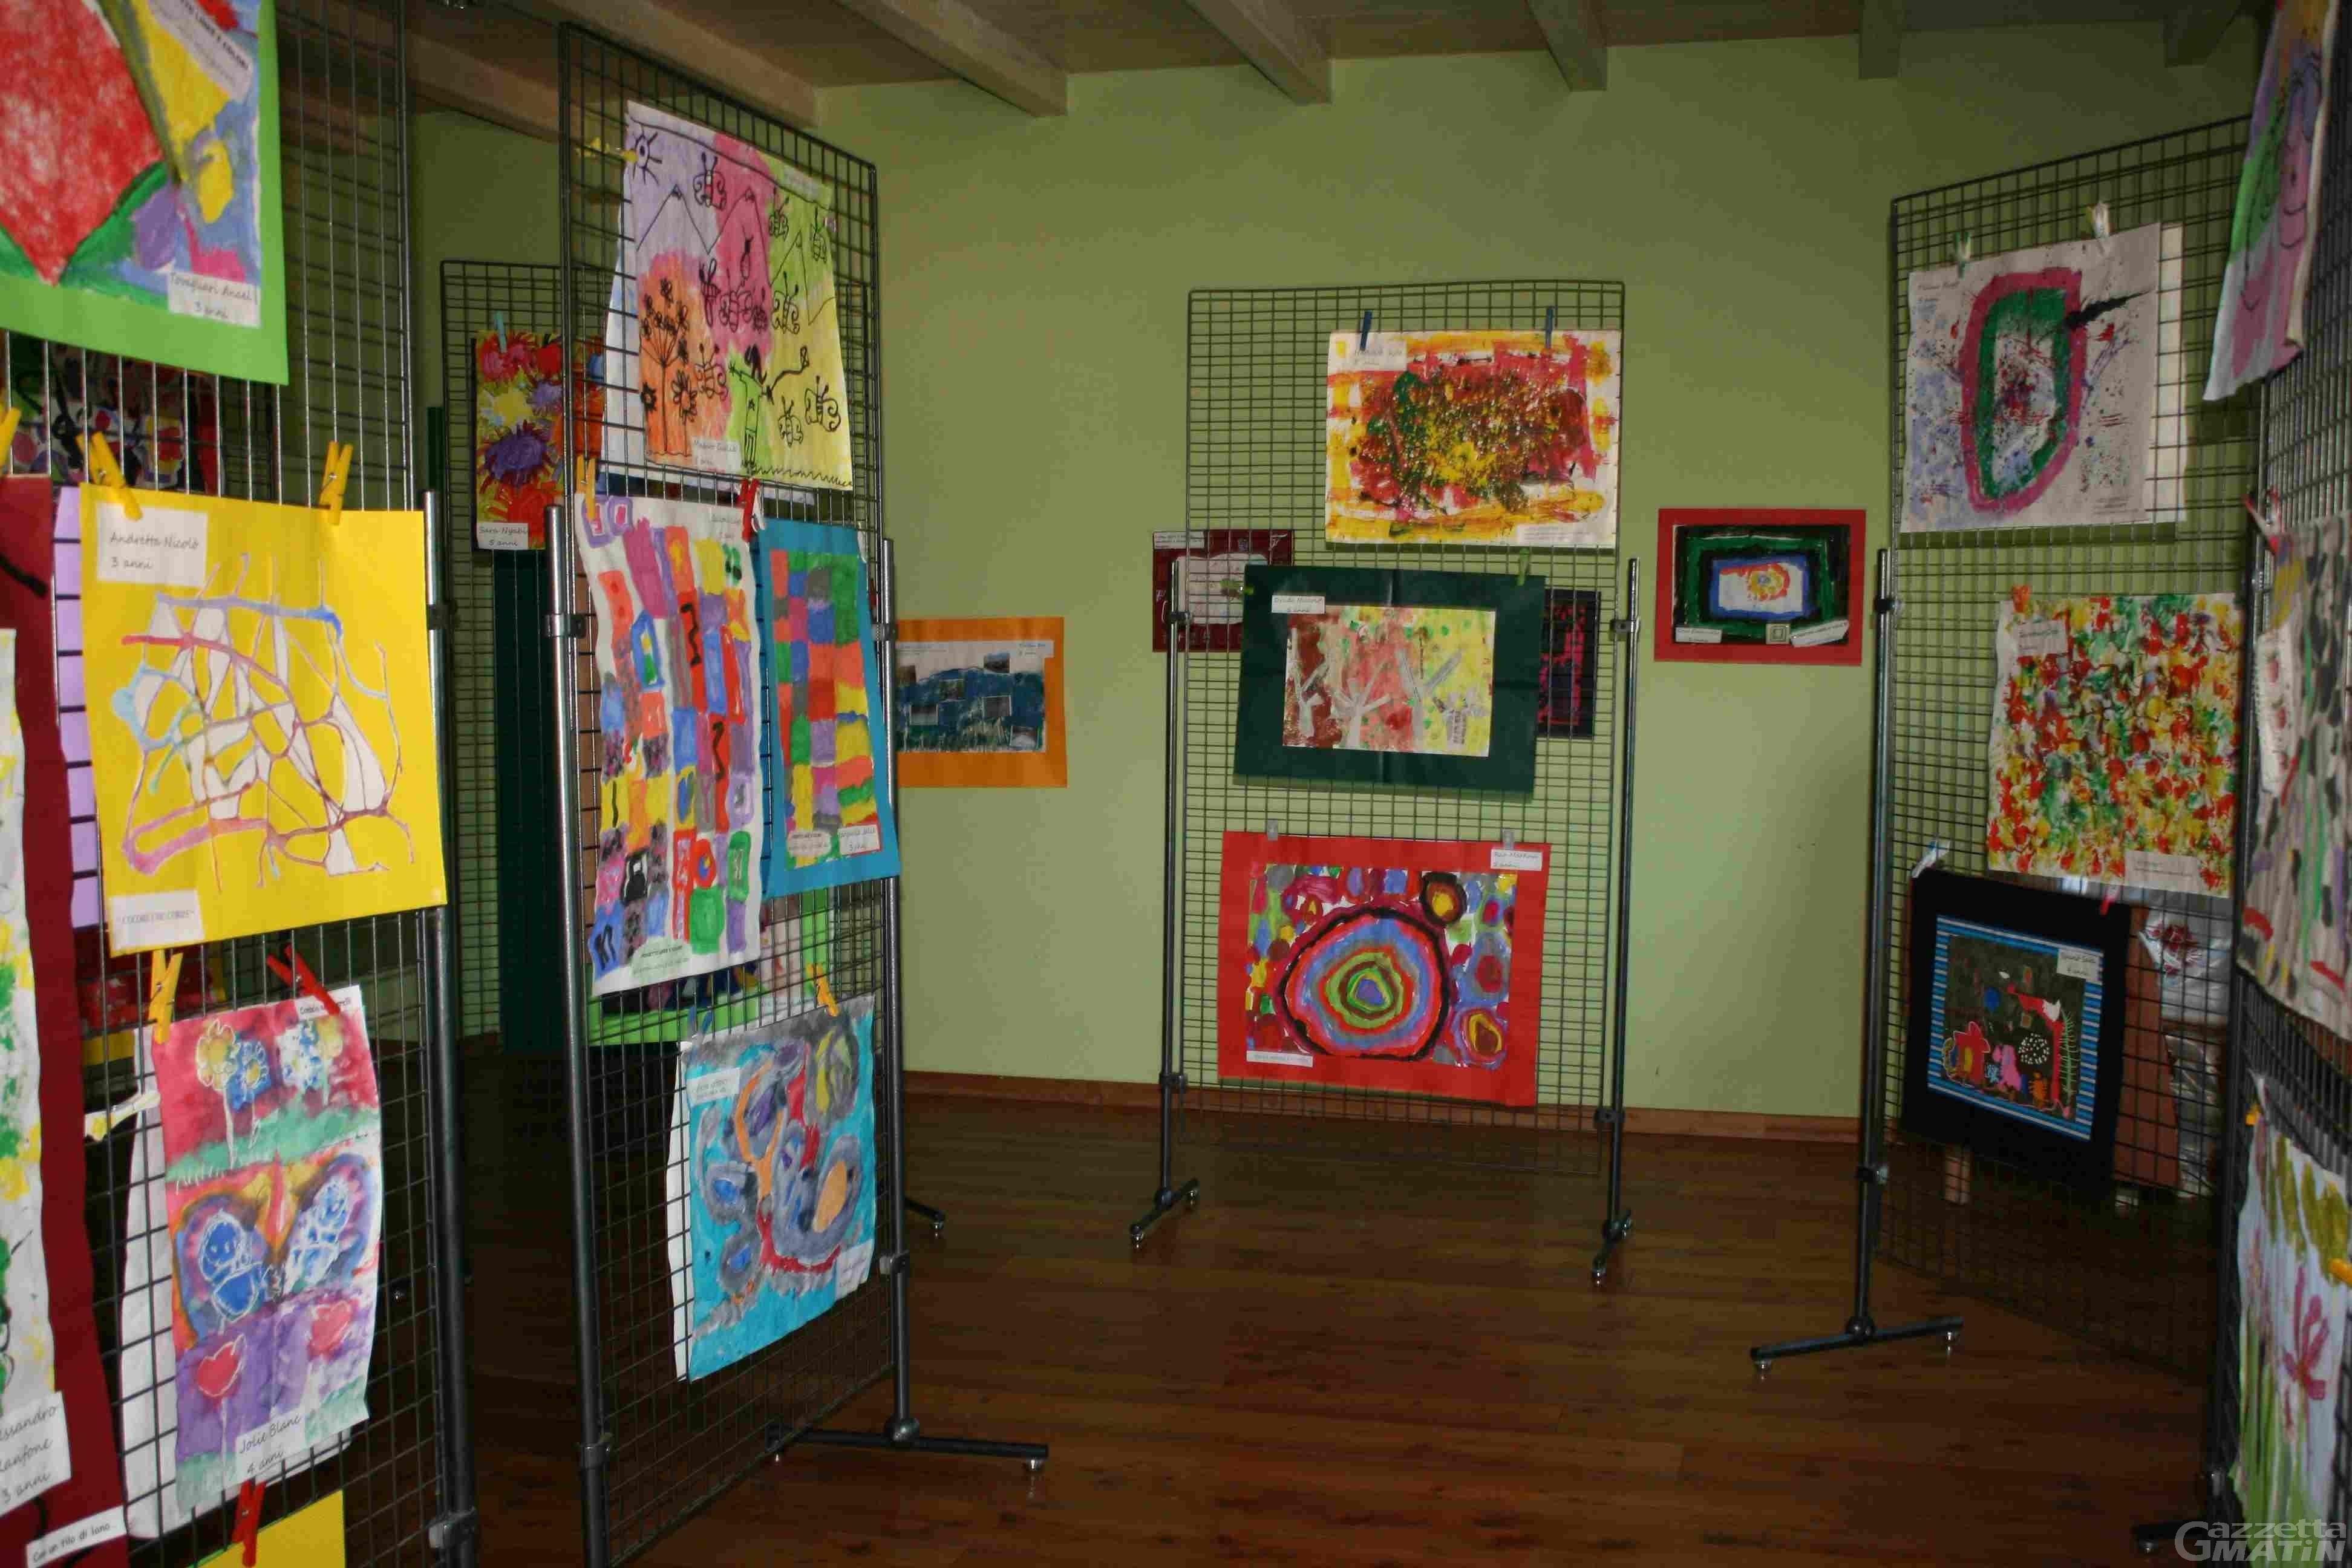 Scuola: in mostra 'emozioni, linee e colori' dei bambini dell'asilo del Villair di Quart